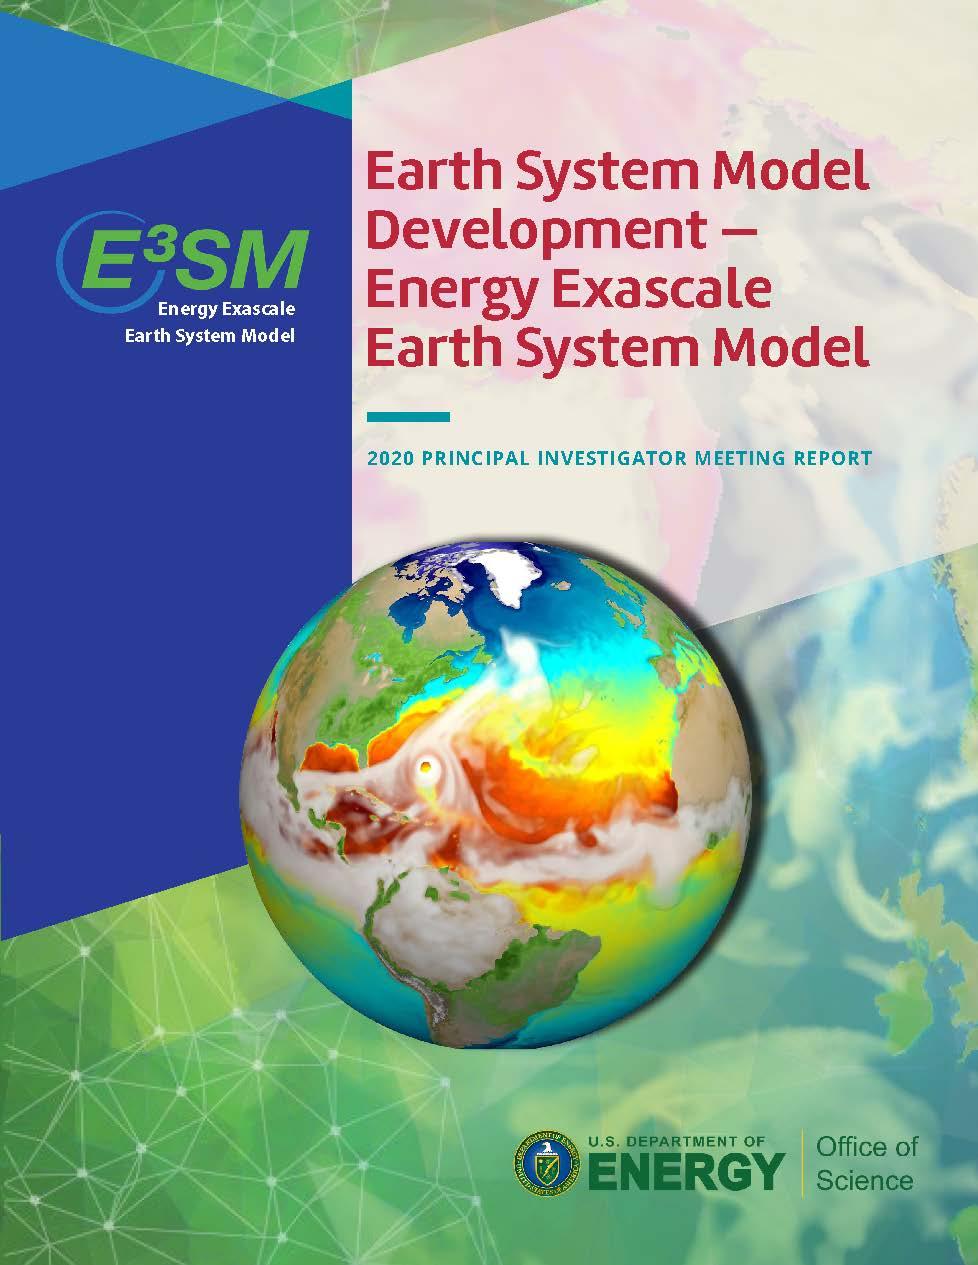 ESMD-E3SM 2020 PI Meeting Report